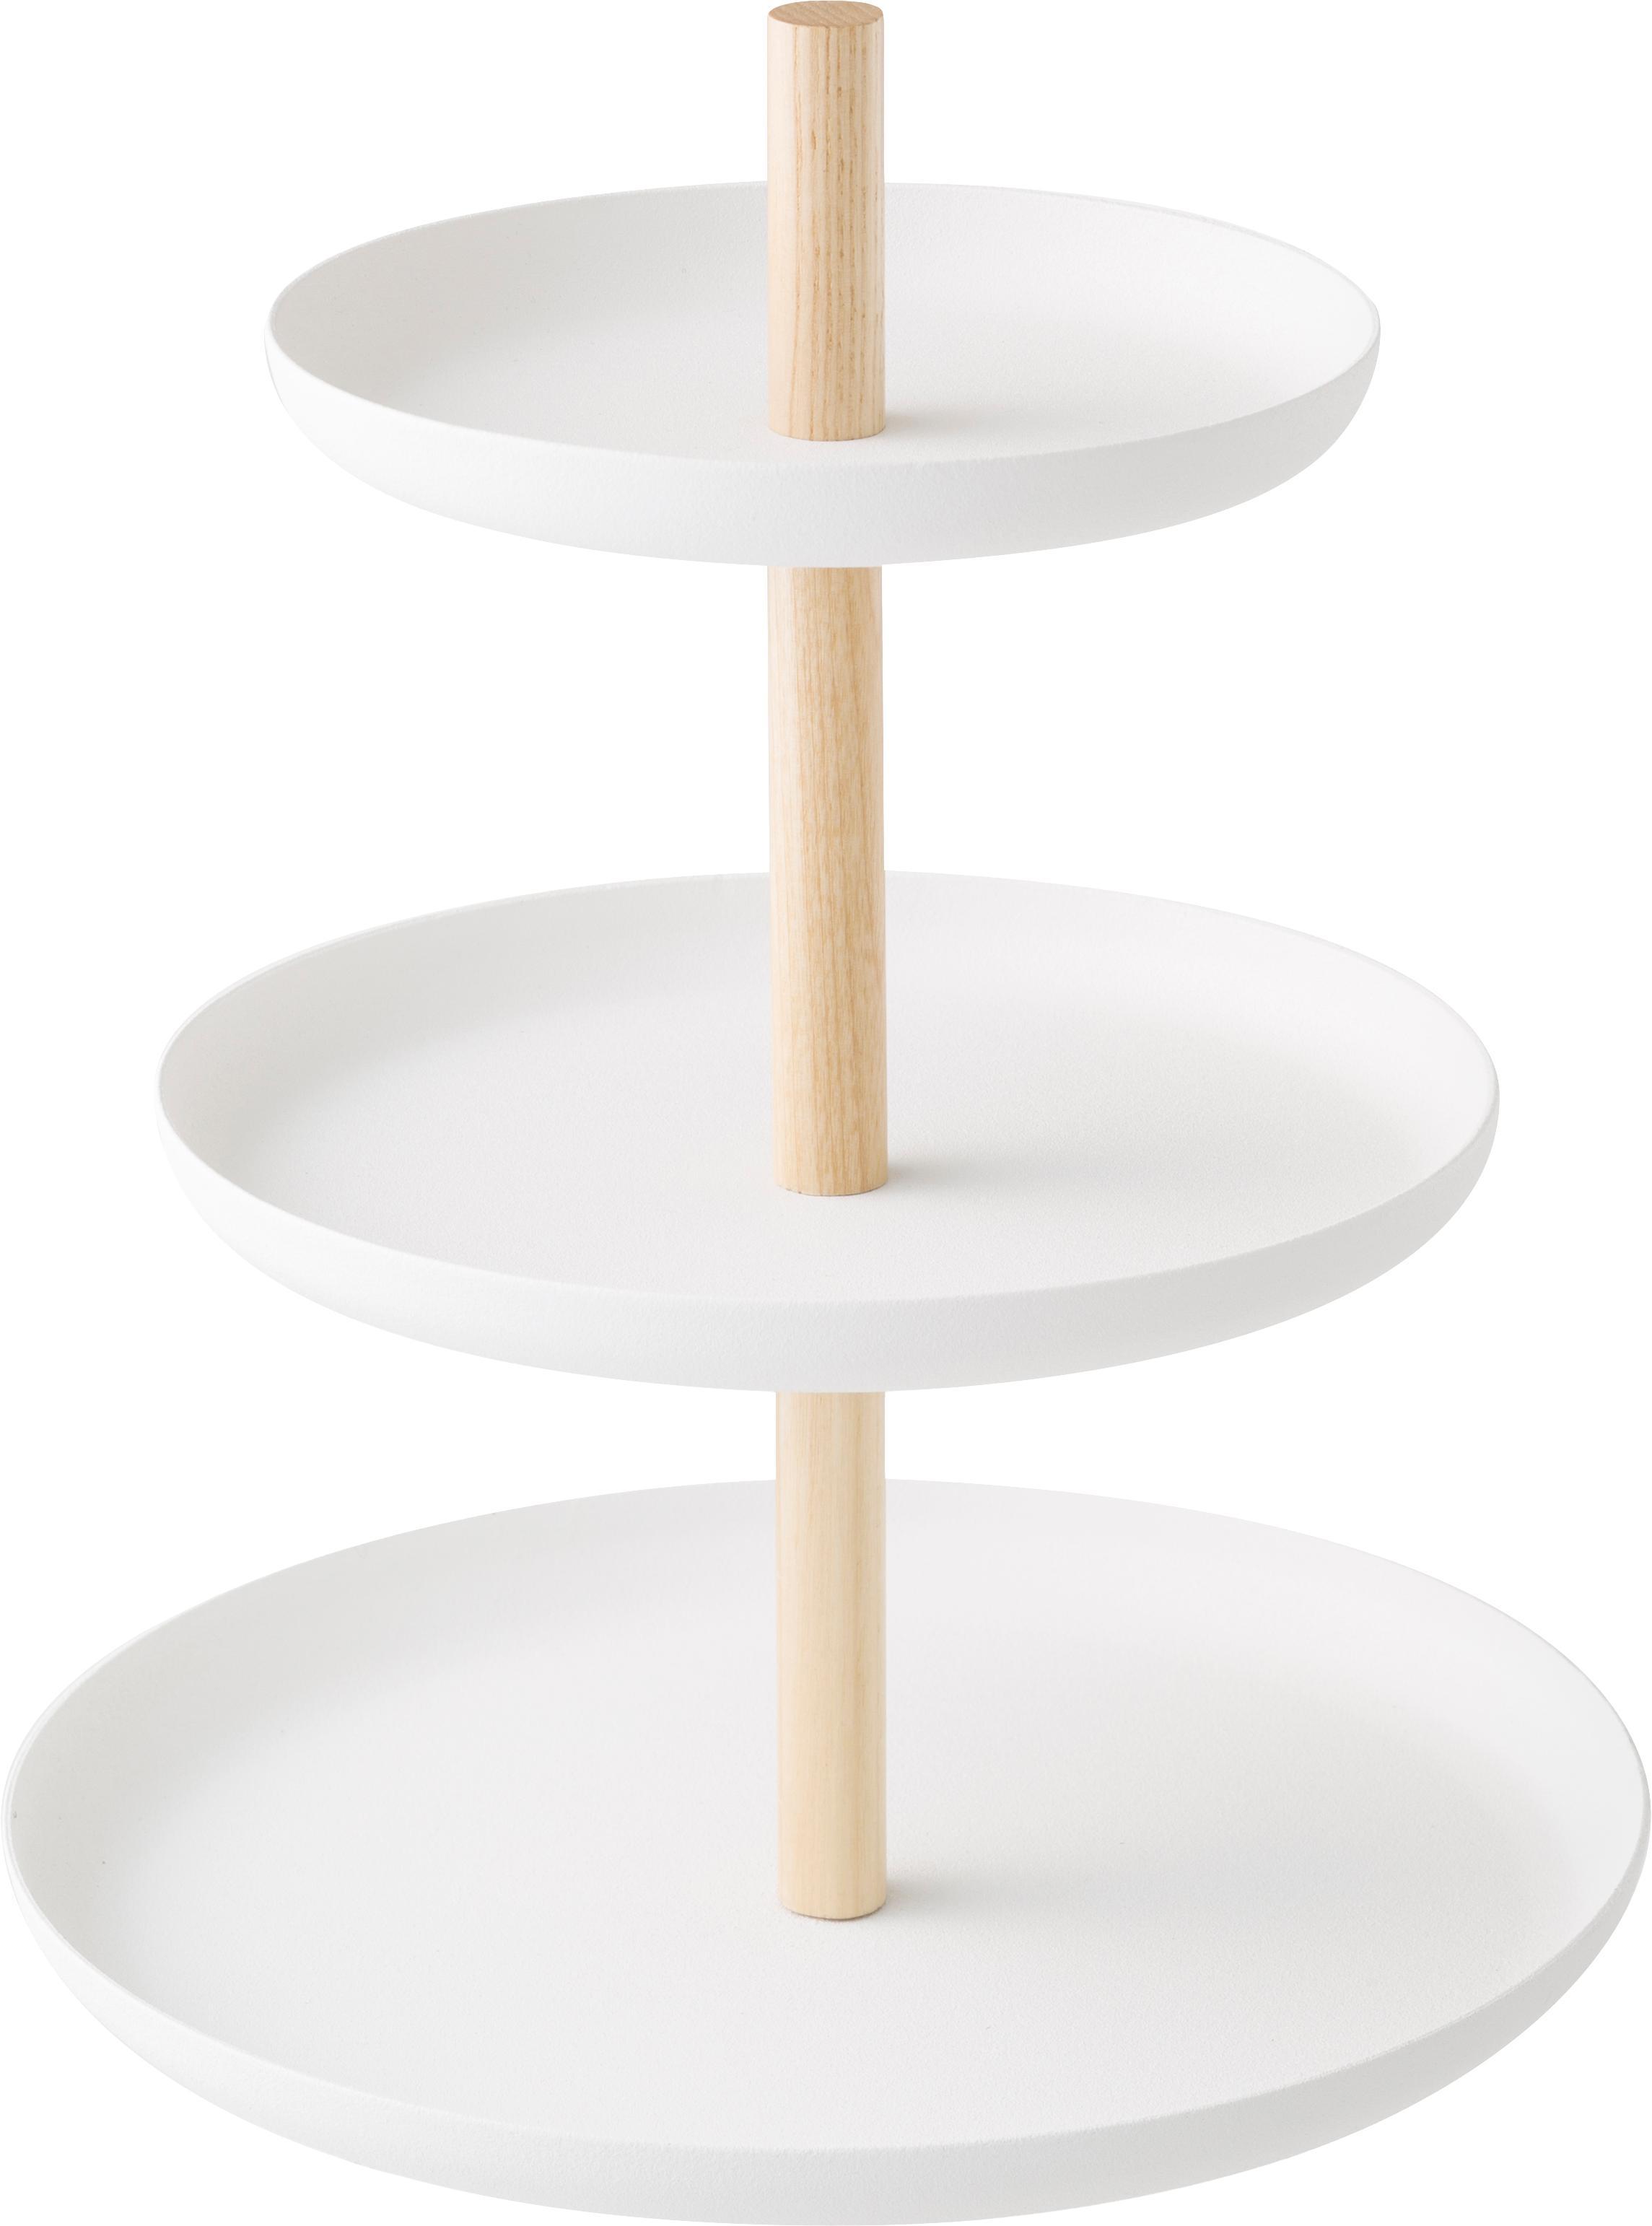 Etagere Tosca, Stange: Holz, Weiß, Braun, 20 x 24 cm